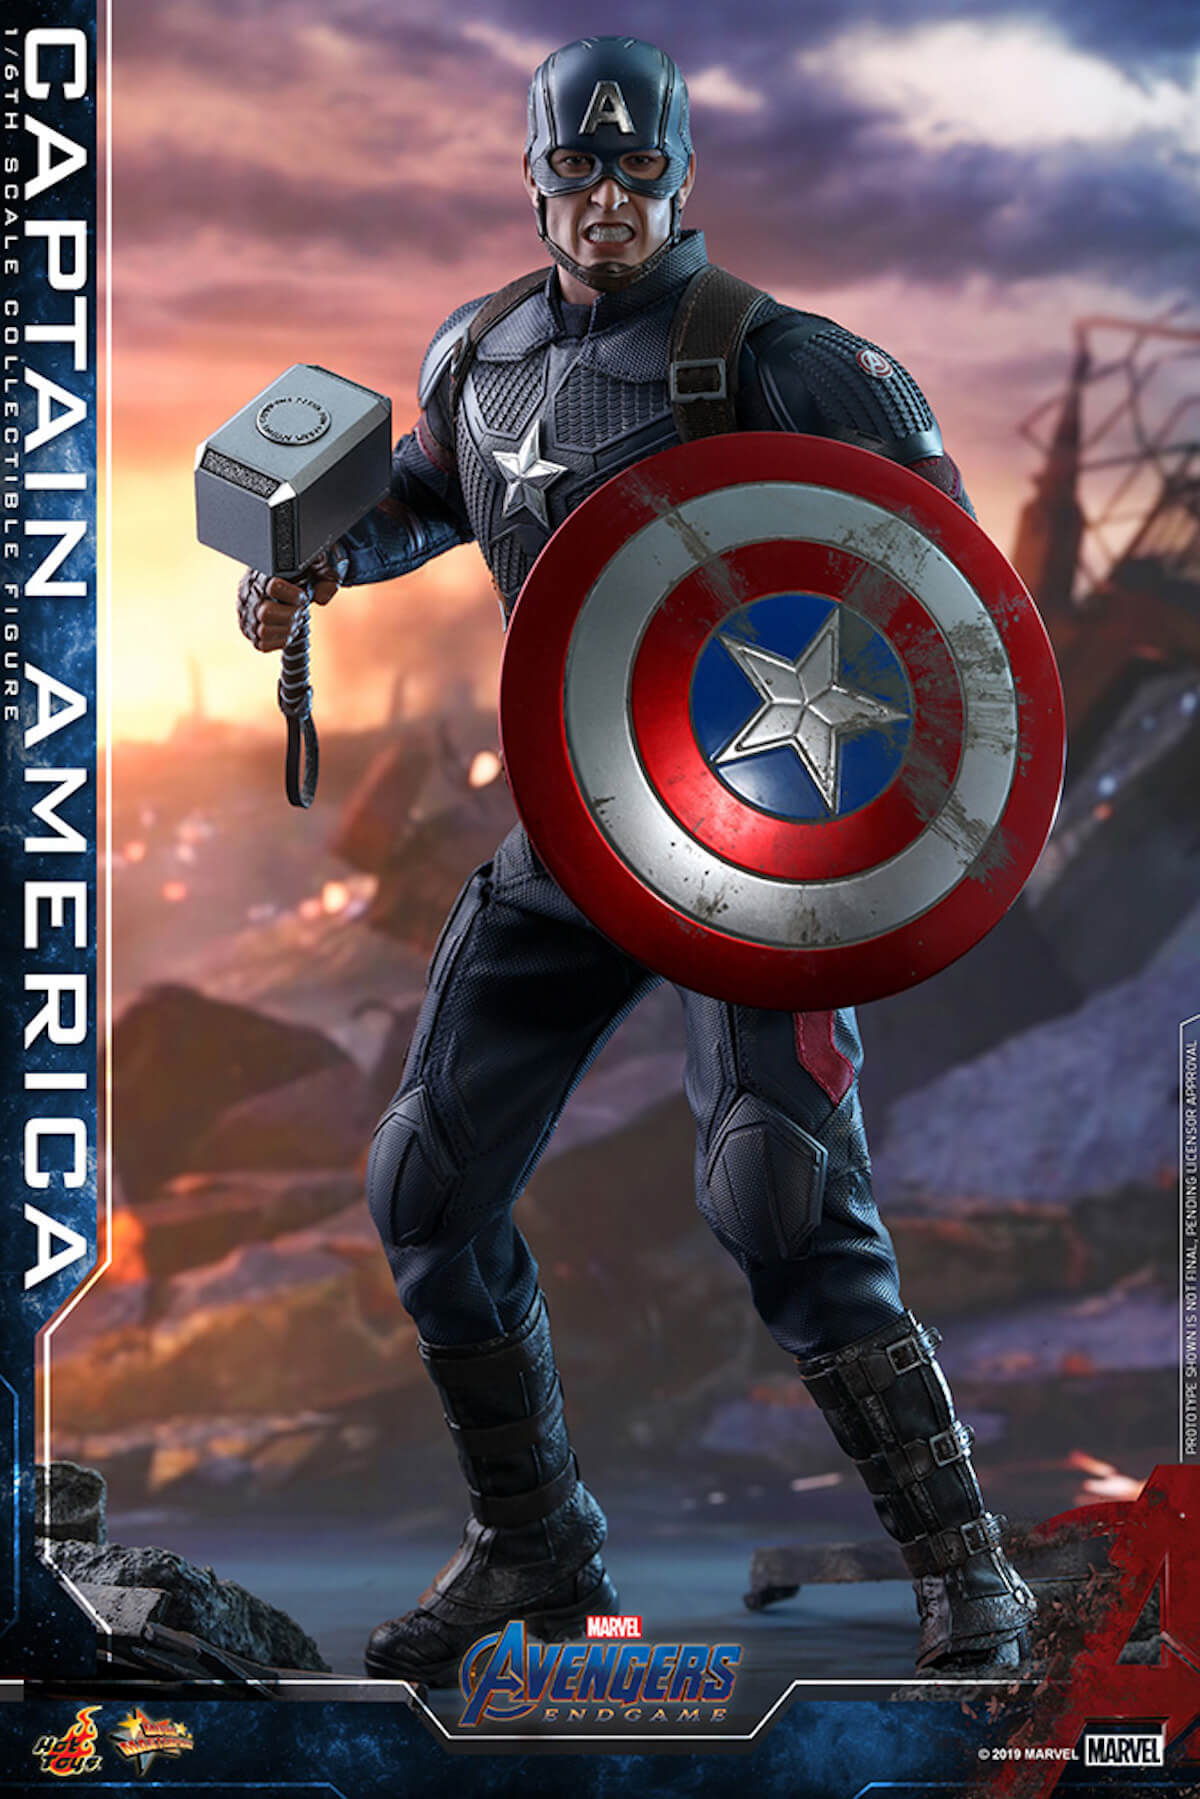 ホットトイズから『アベンジャーズ/エンドゲーム』の精巧なフィギュアが続々登場!キャプテン・アメリカ、アイアンマンら life190521_avengers_hottoys_11